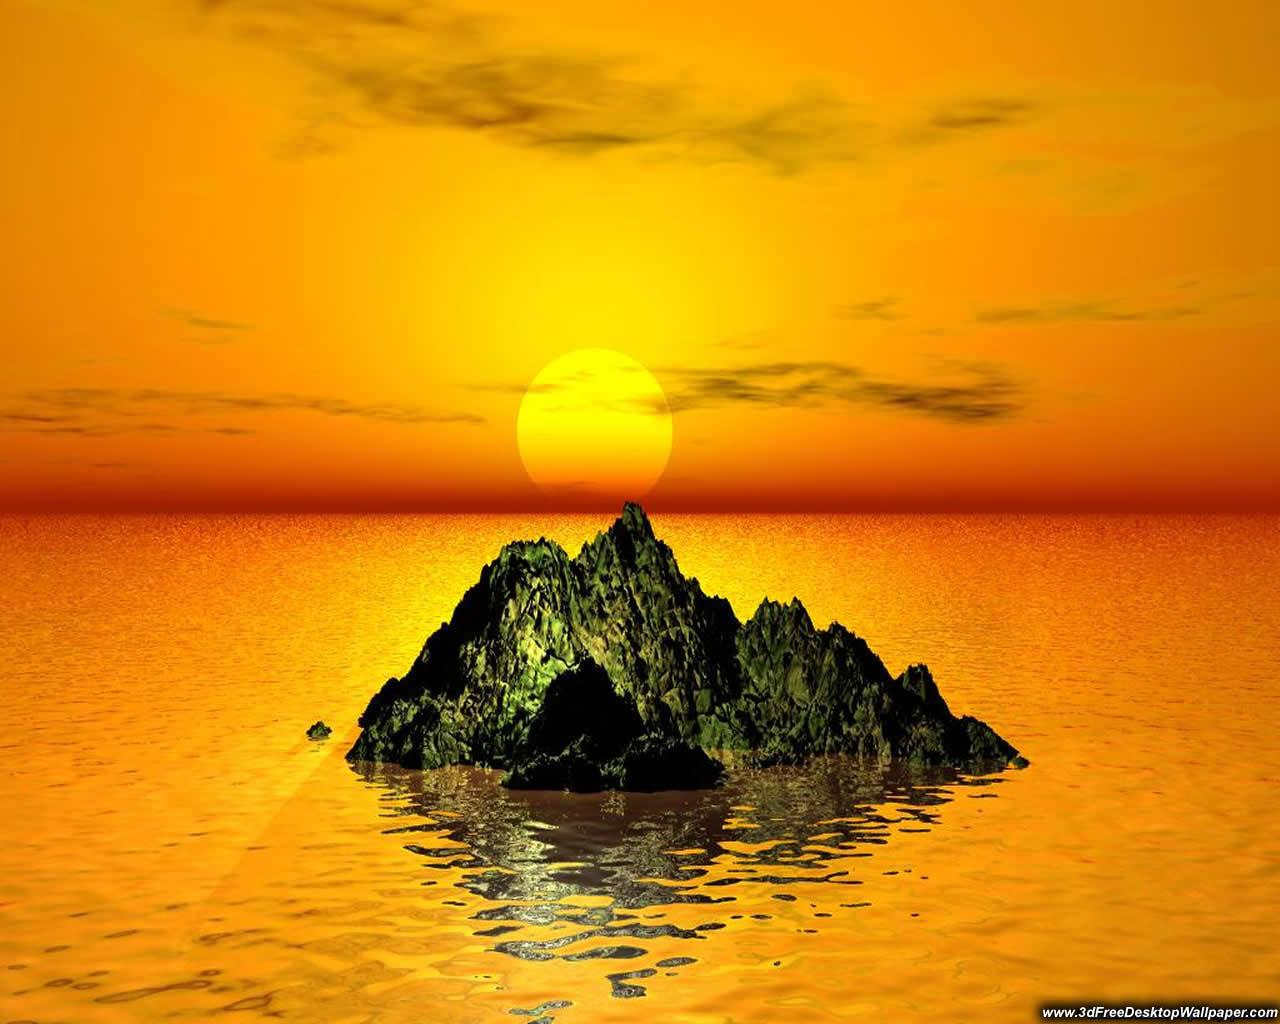 http://2.bp.blogspot.com/-BpWEmj8Ybdw/Tow7mv_uNFI/AAAAAAAAAOE/vEsJkSmDAak/s1600/desktop_wallpaper_free+3.jpg